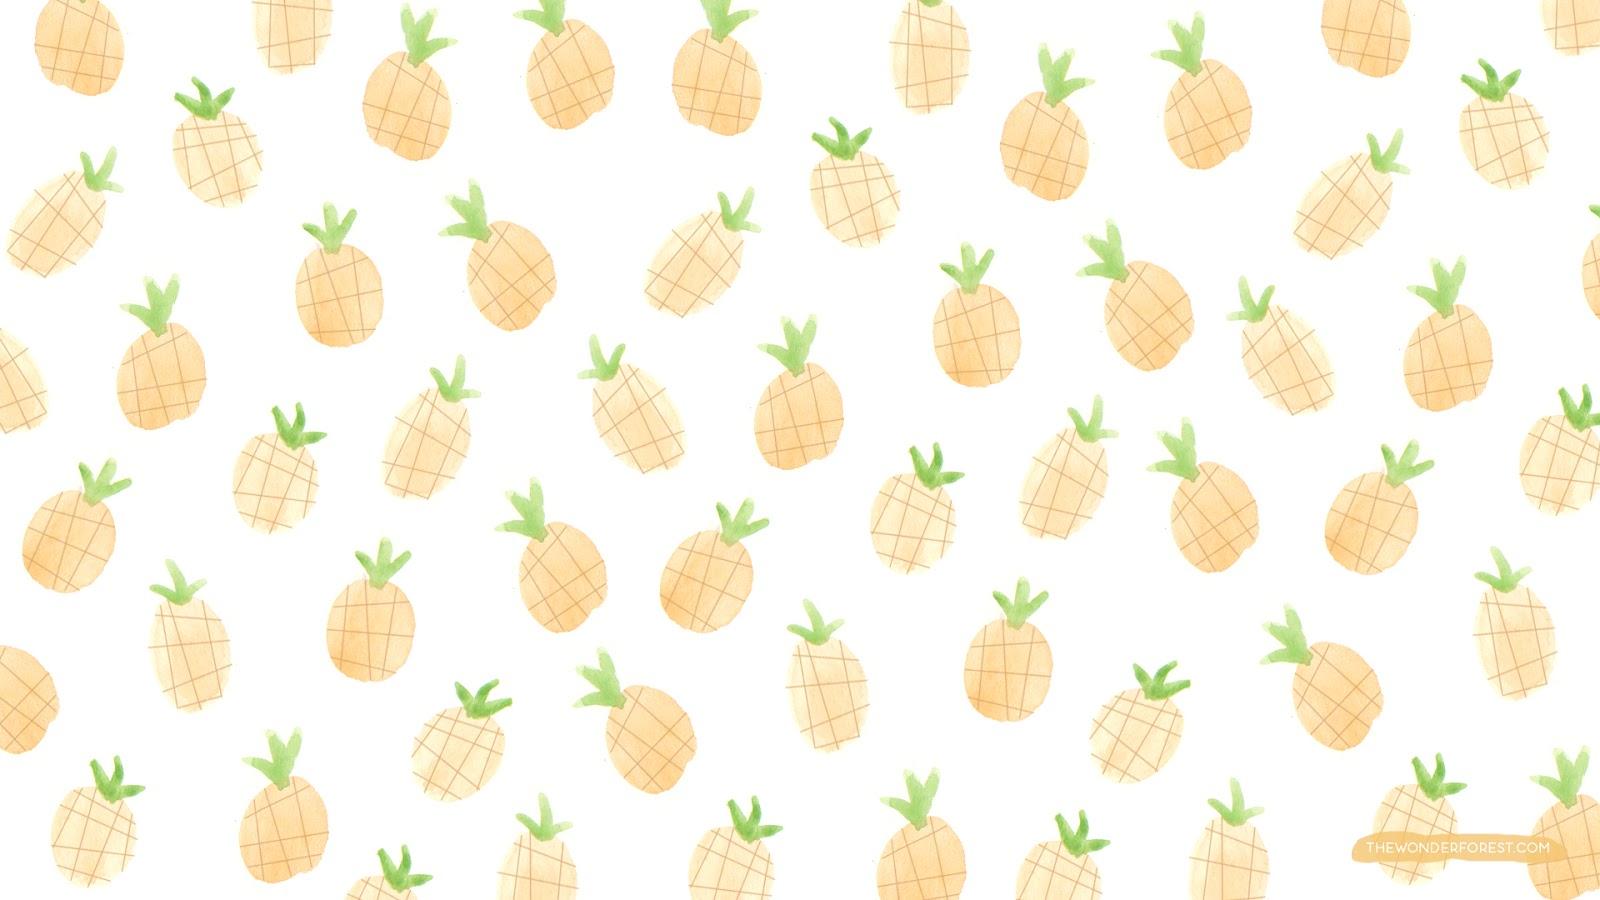 48 Cute Pineapple Wallpaper On Wallpapersafari